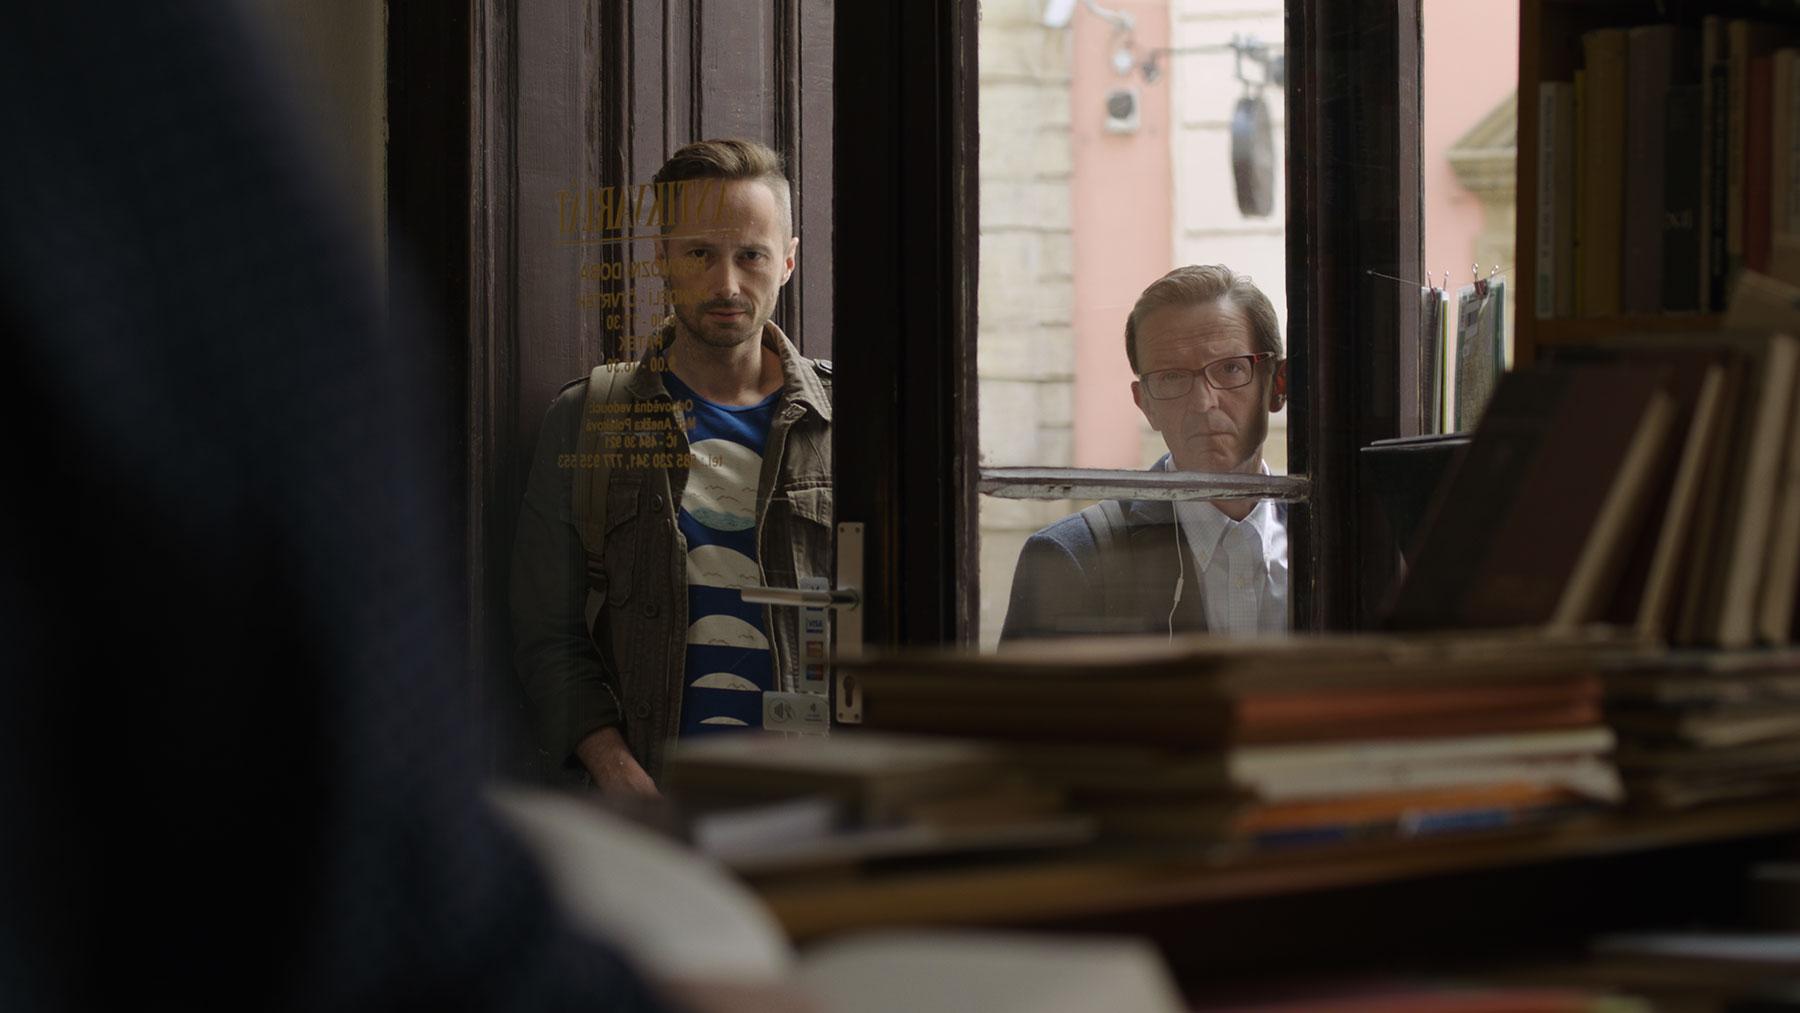 Ve filmu Kvarteto hrají rovněž Jaroslav Plesl a Zdeněk Julina Foto: Evolution Films/Falcon